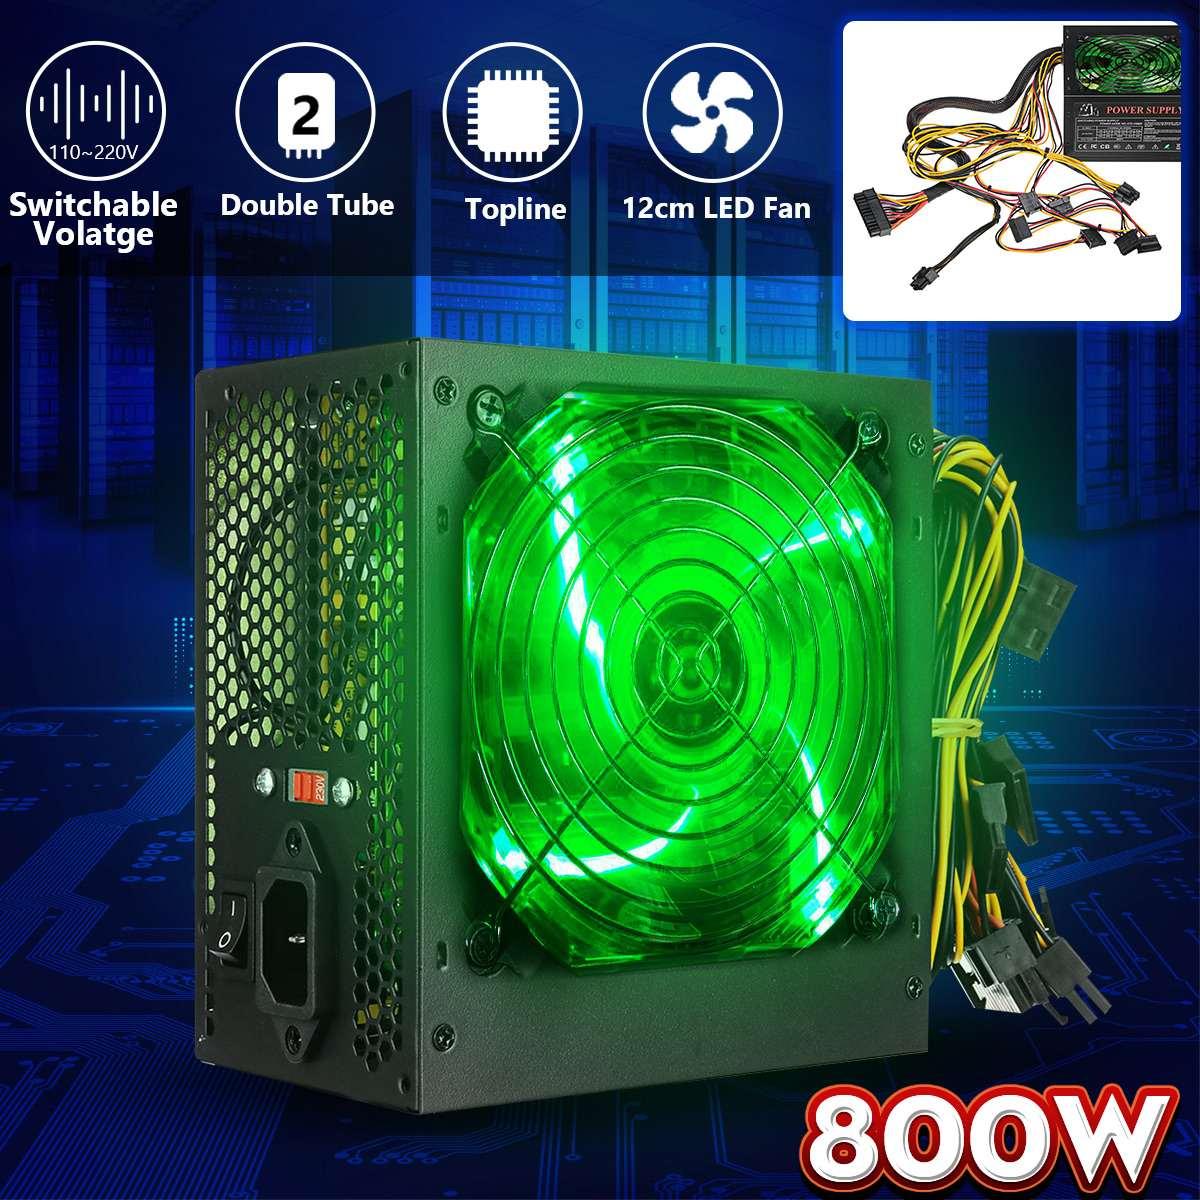 800 Вт 110 ~ 220 В блок питания для ПК 12 см светодиодный бесшумный вентилятор с интеллектуальным контролем температуры Intel AMD ATX 12 В для настольного компьютера